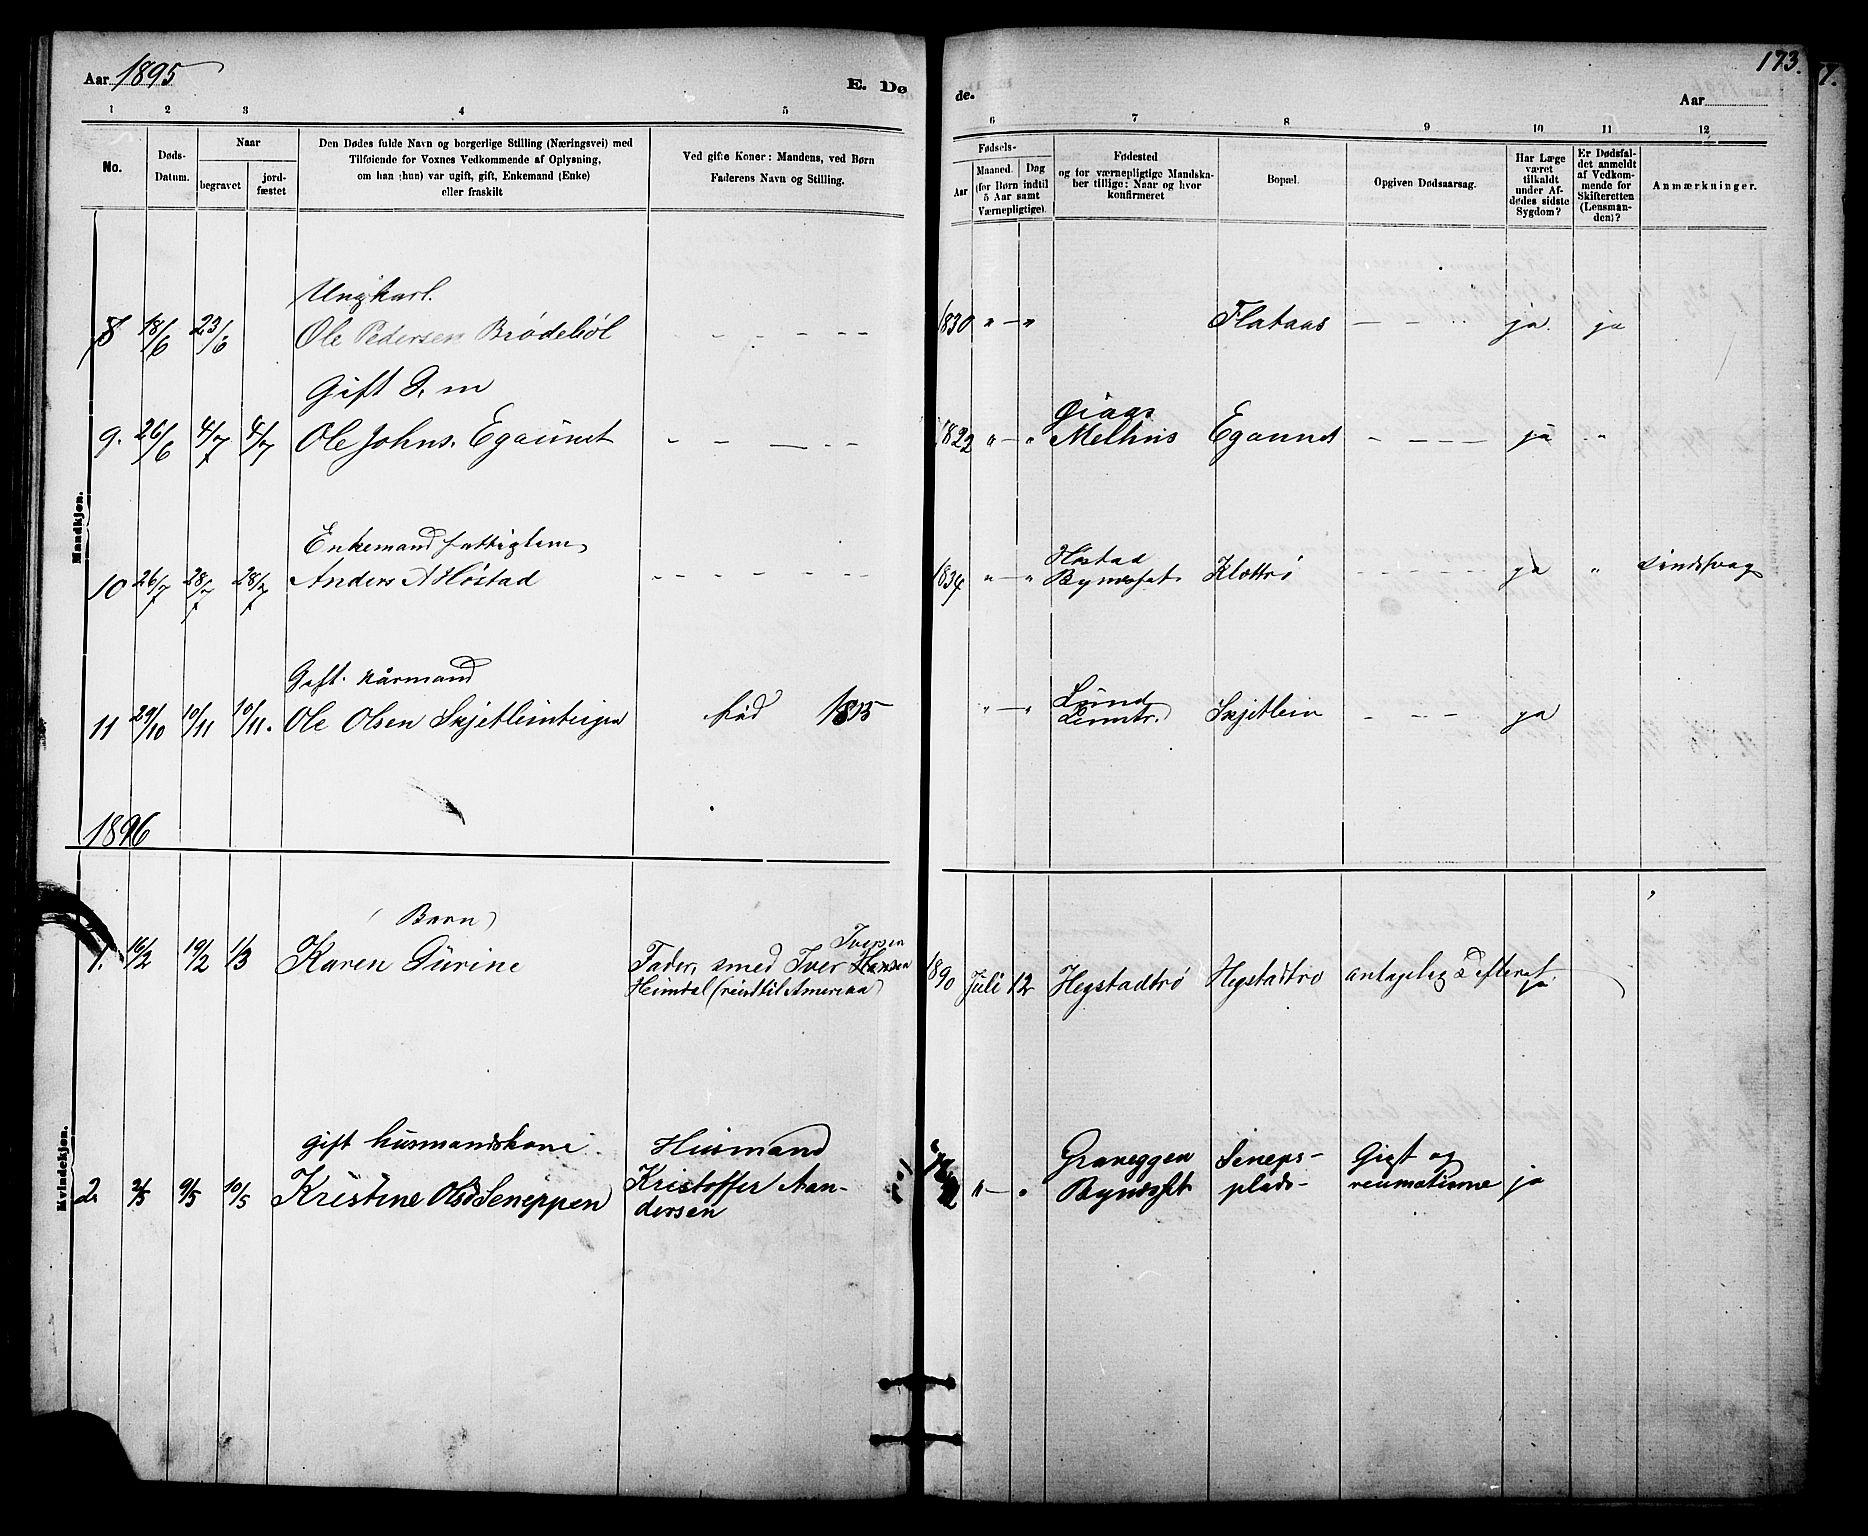 SAT, Ministerialprotokoller, klokkerbøker og fødselsregistre - Sør-Trøndelag, 613/L0395: Klokkerbok nr. 613C03, 1887-1909, s. 173